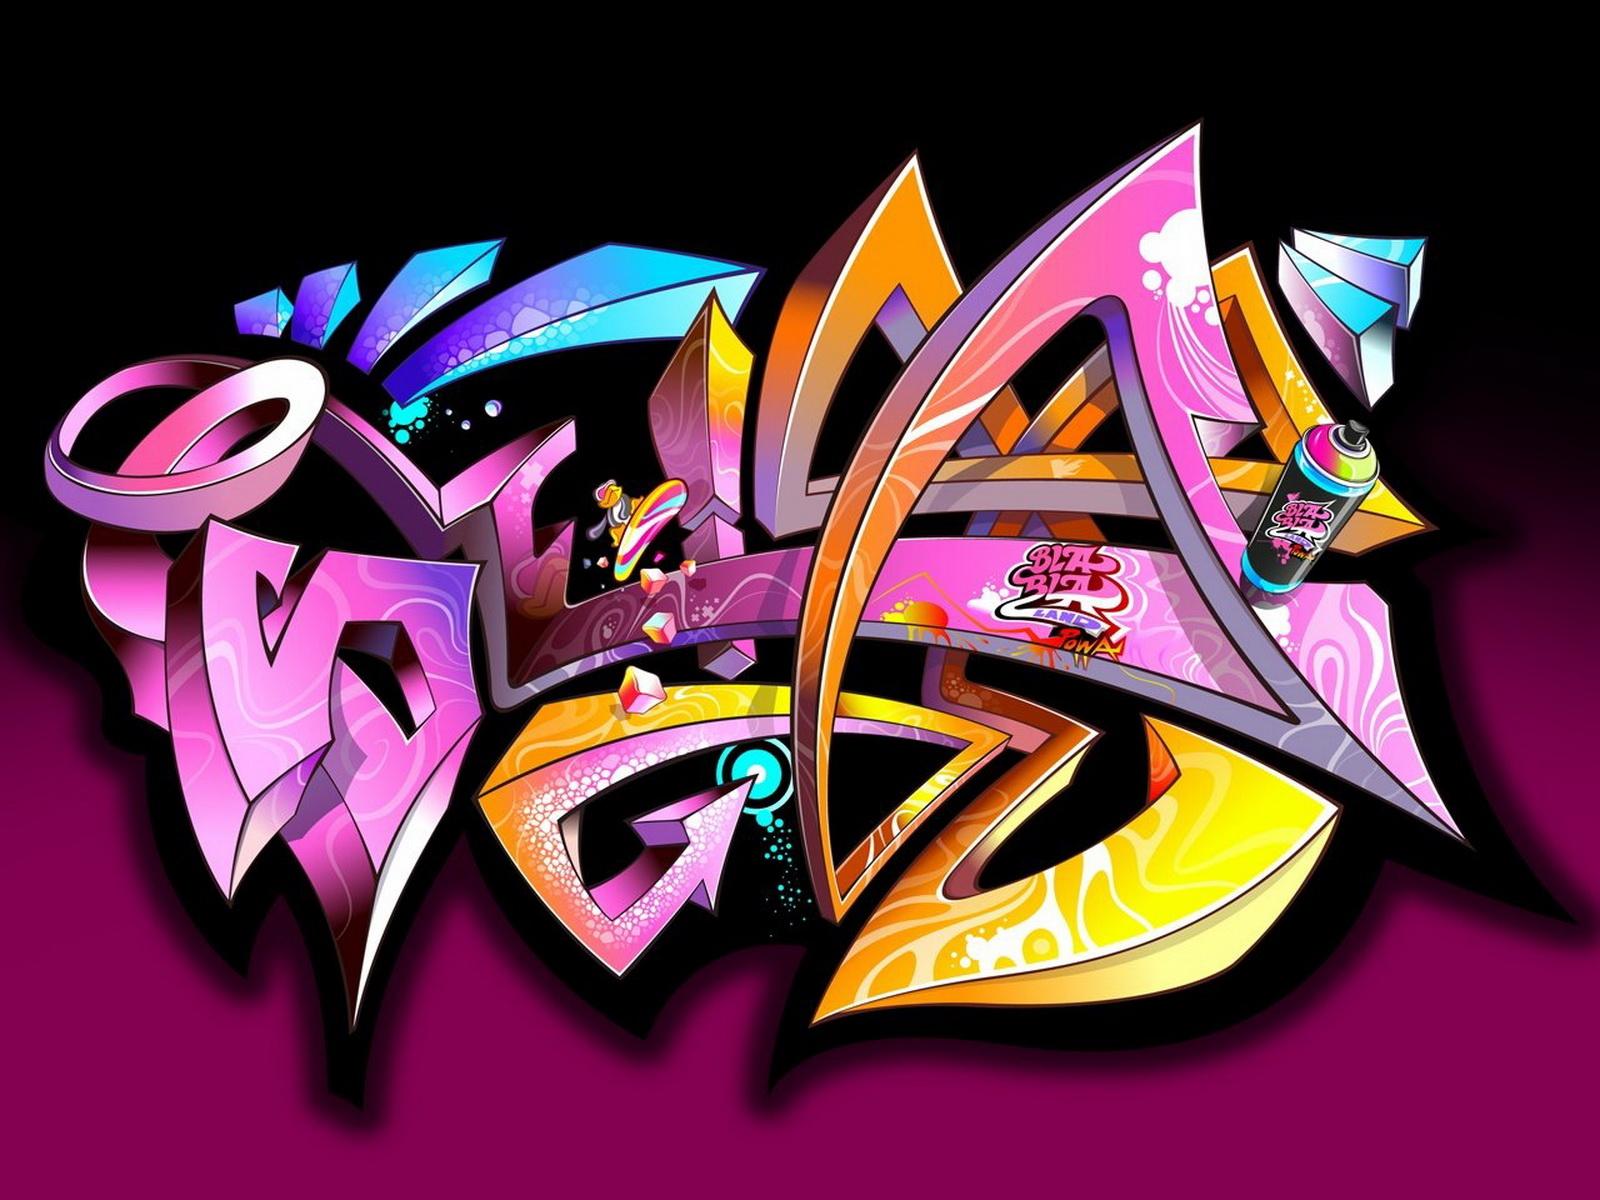 Grafiti Wallpapers Wallpapersafari